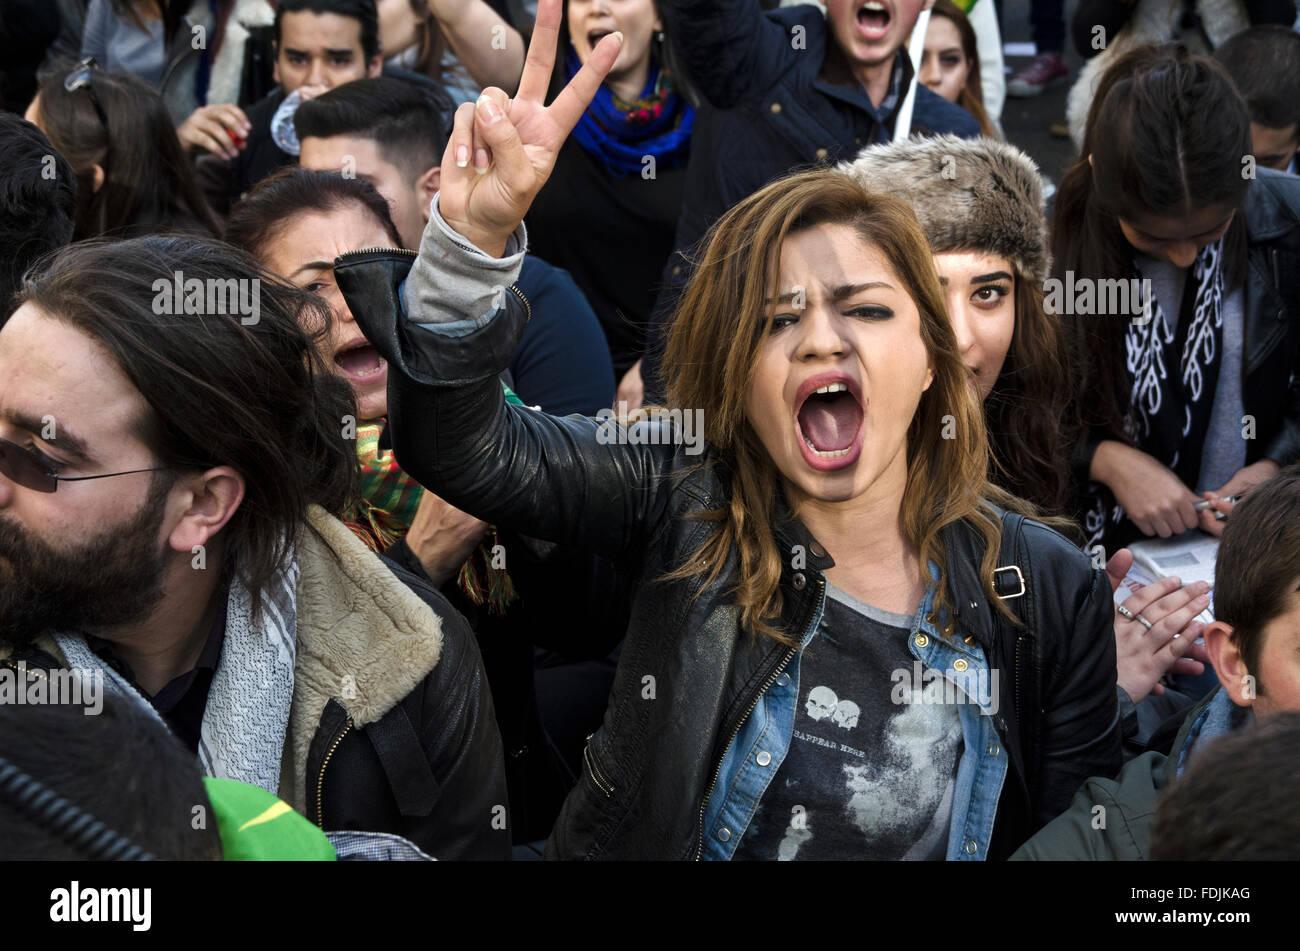 Femmina manifestante curdo gridare fuori durante le proteste Kobane a Londra Immagini Stock